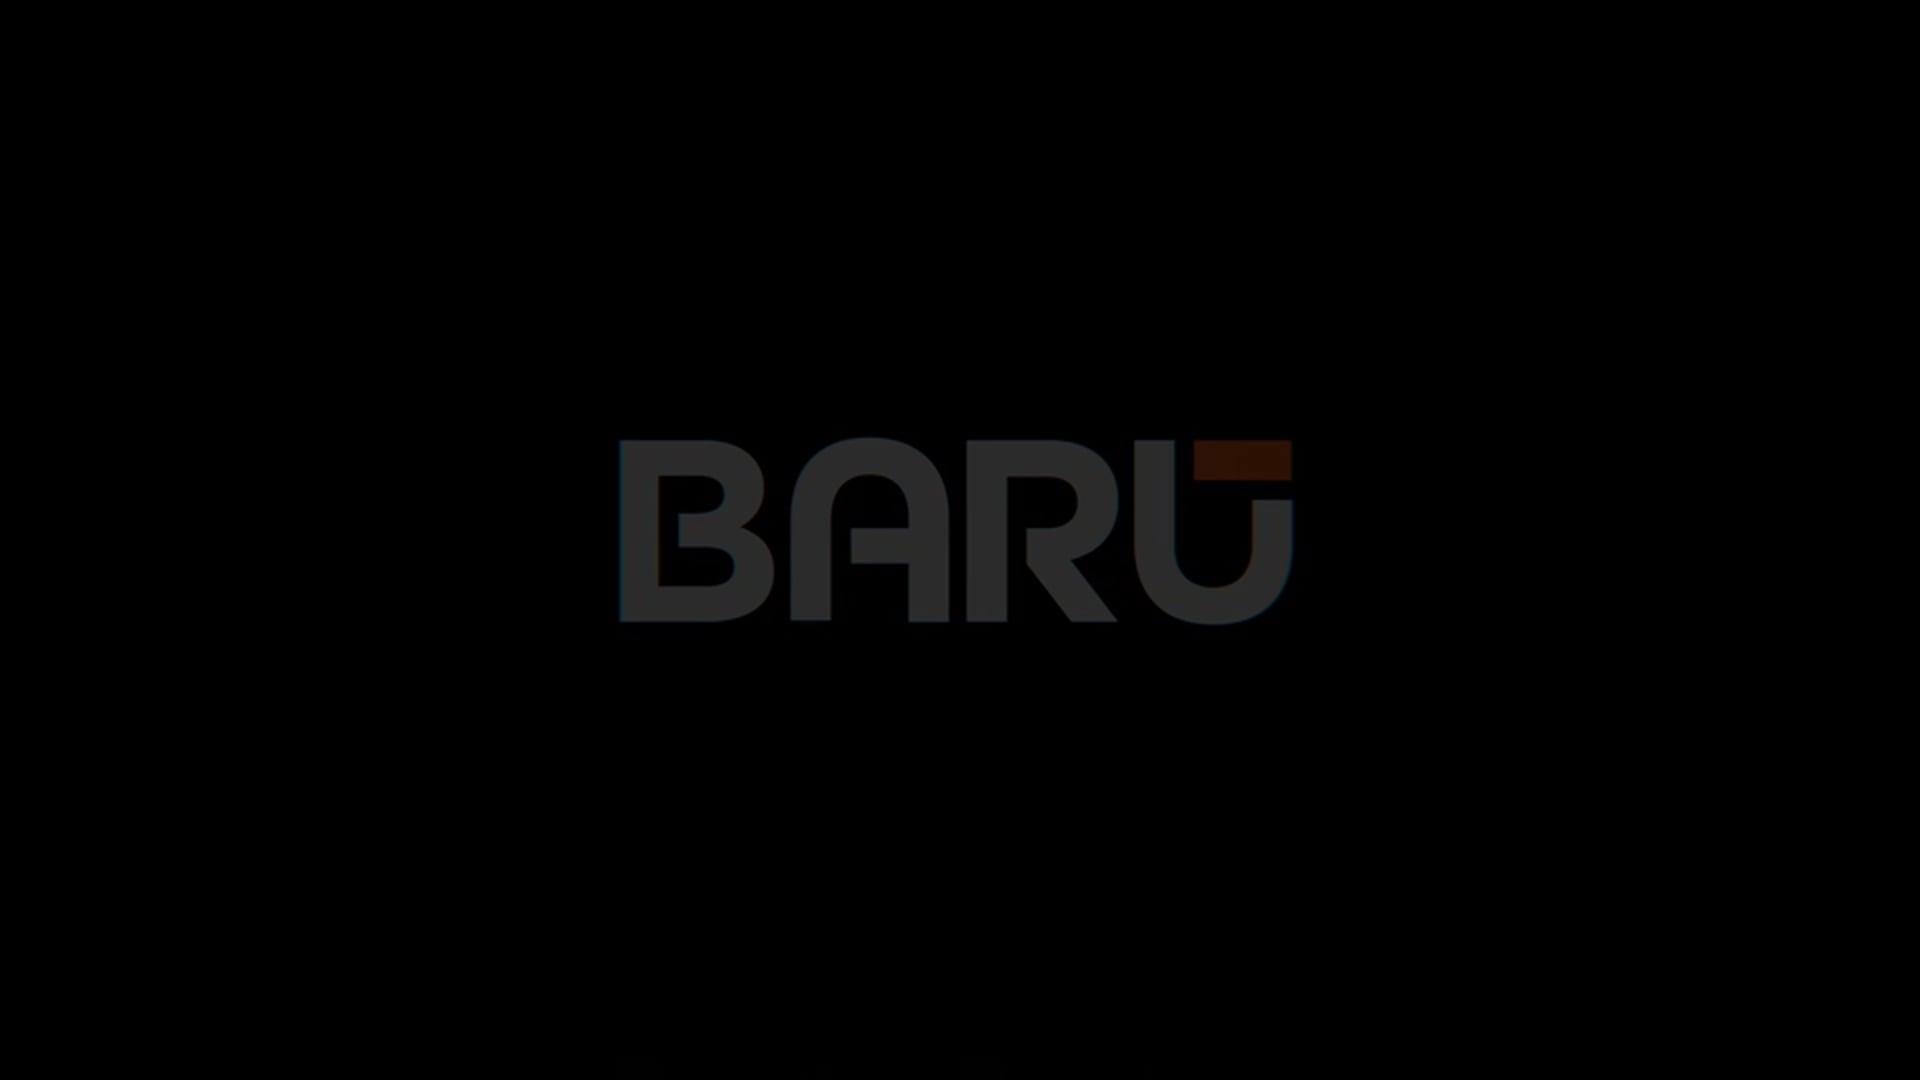 BARU Agency Reel 2021_v3